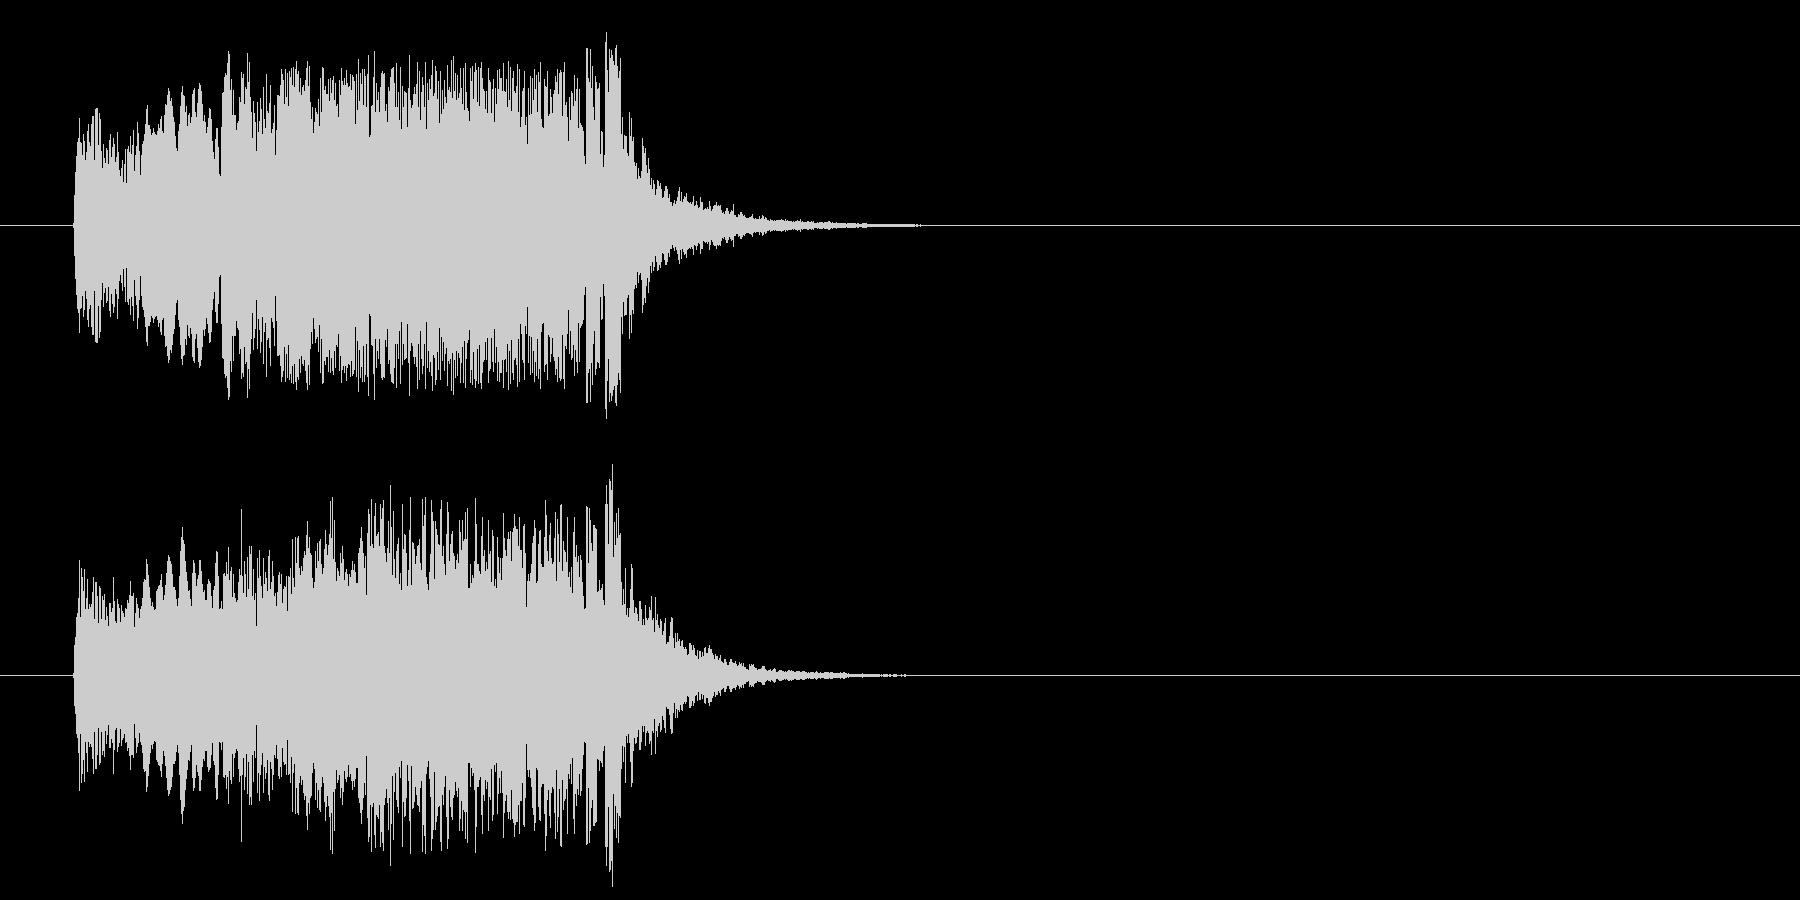 ファンファーレ 発表 表彰 名誉 栄光の未再生の波形